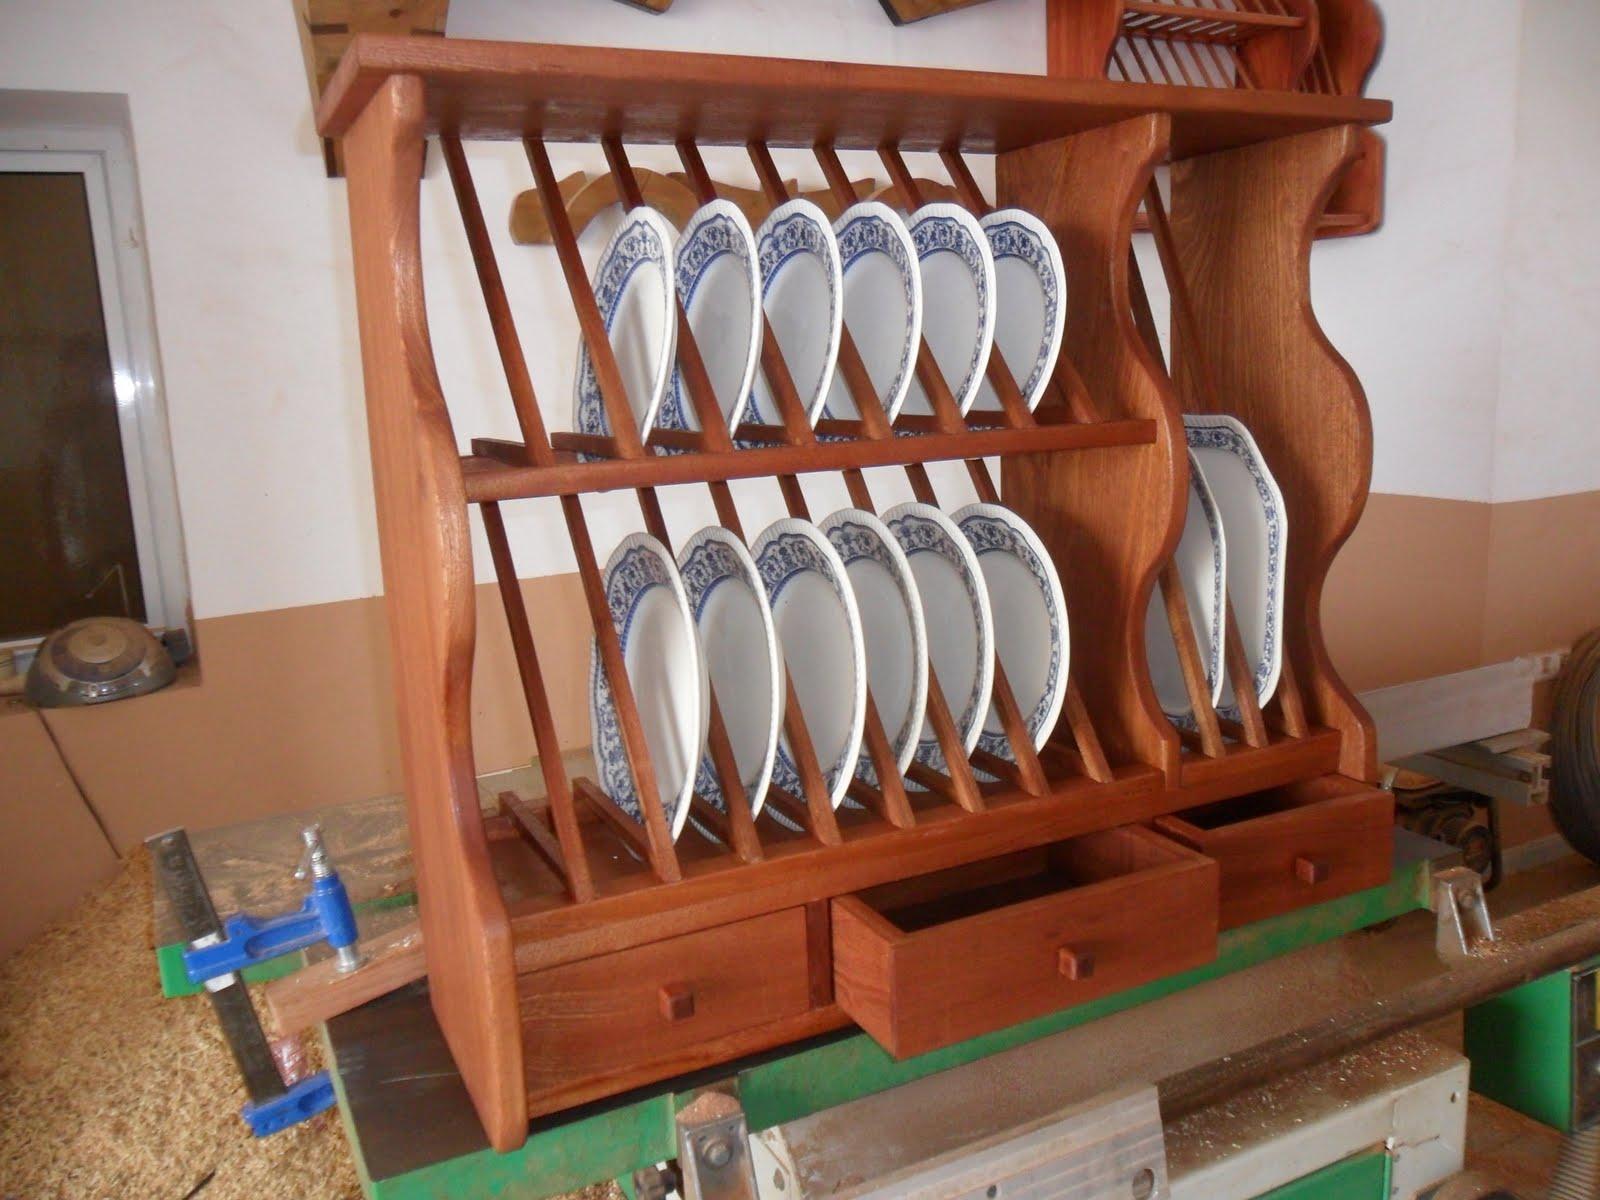 Artesania de madera en fuerteventura los nuevos loceros for Artesanias en madera